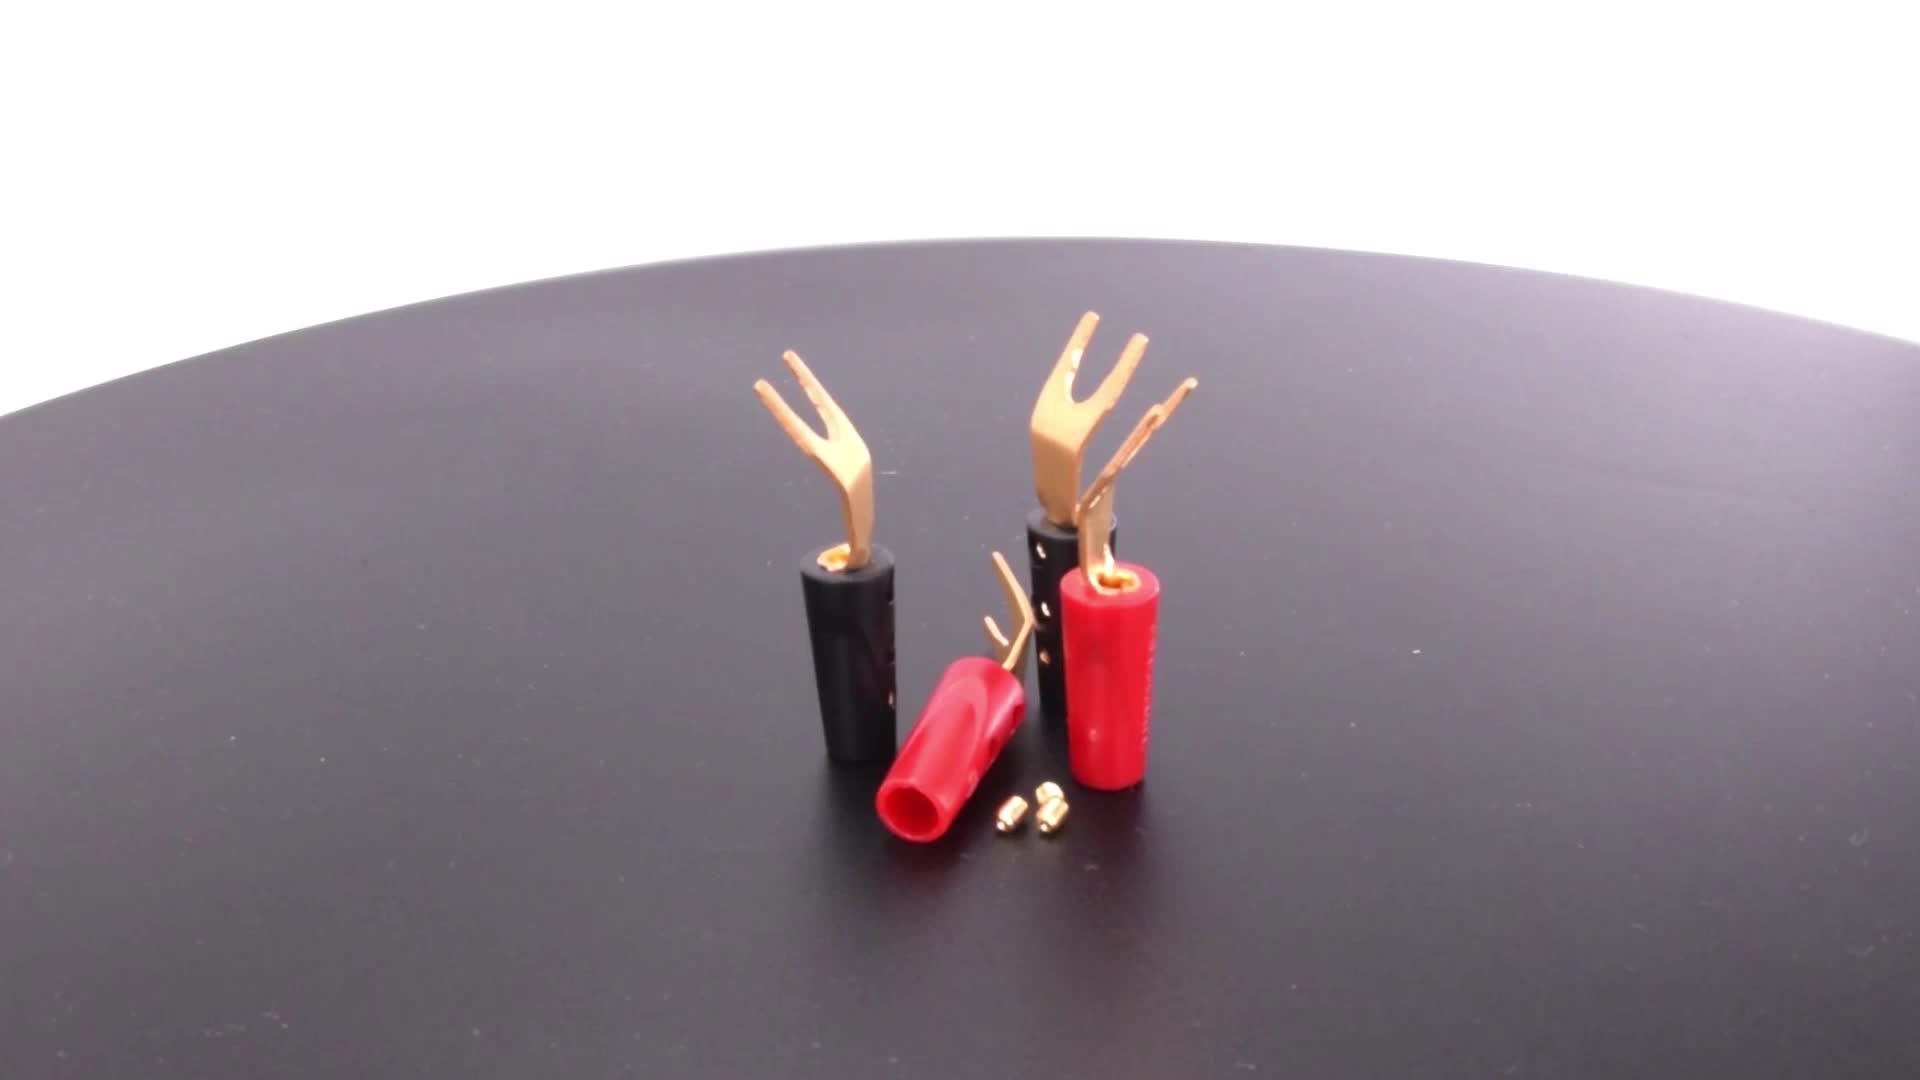 Lock screw quick connect Y spade plug speakon connector